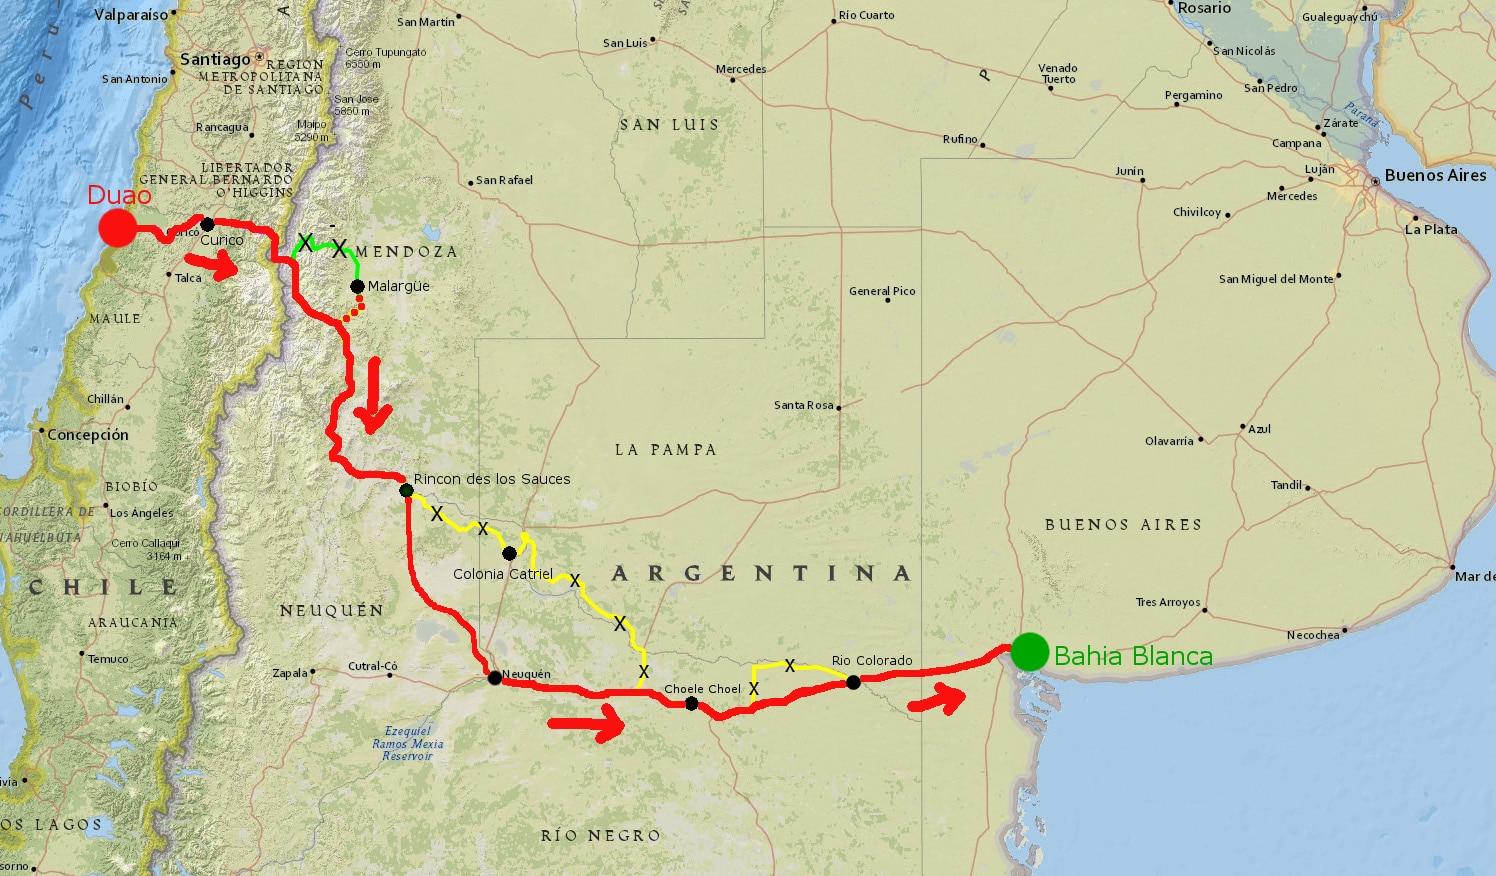 Unsere Route (rot markiert) führte uns über rund 1500 Kilometer vom Pazifik (Duao) zum Atlantik (Bahia Blanca).